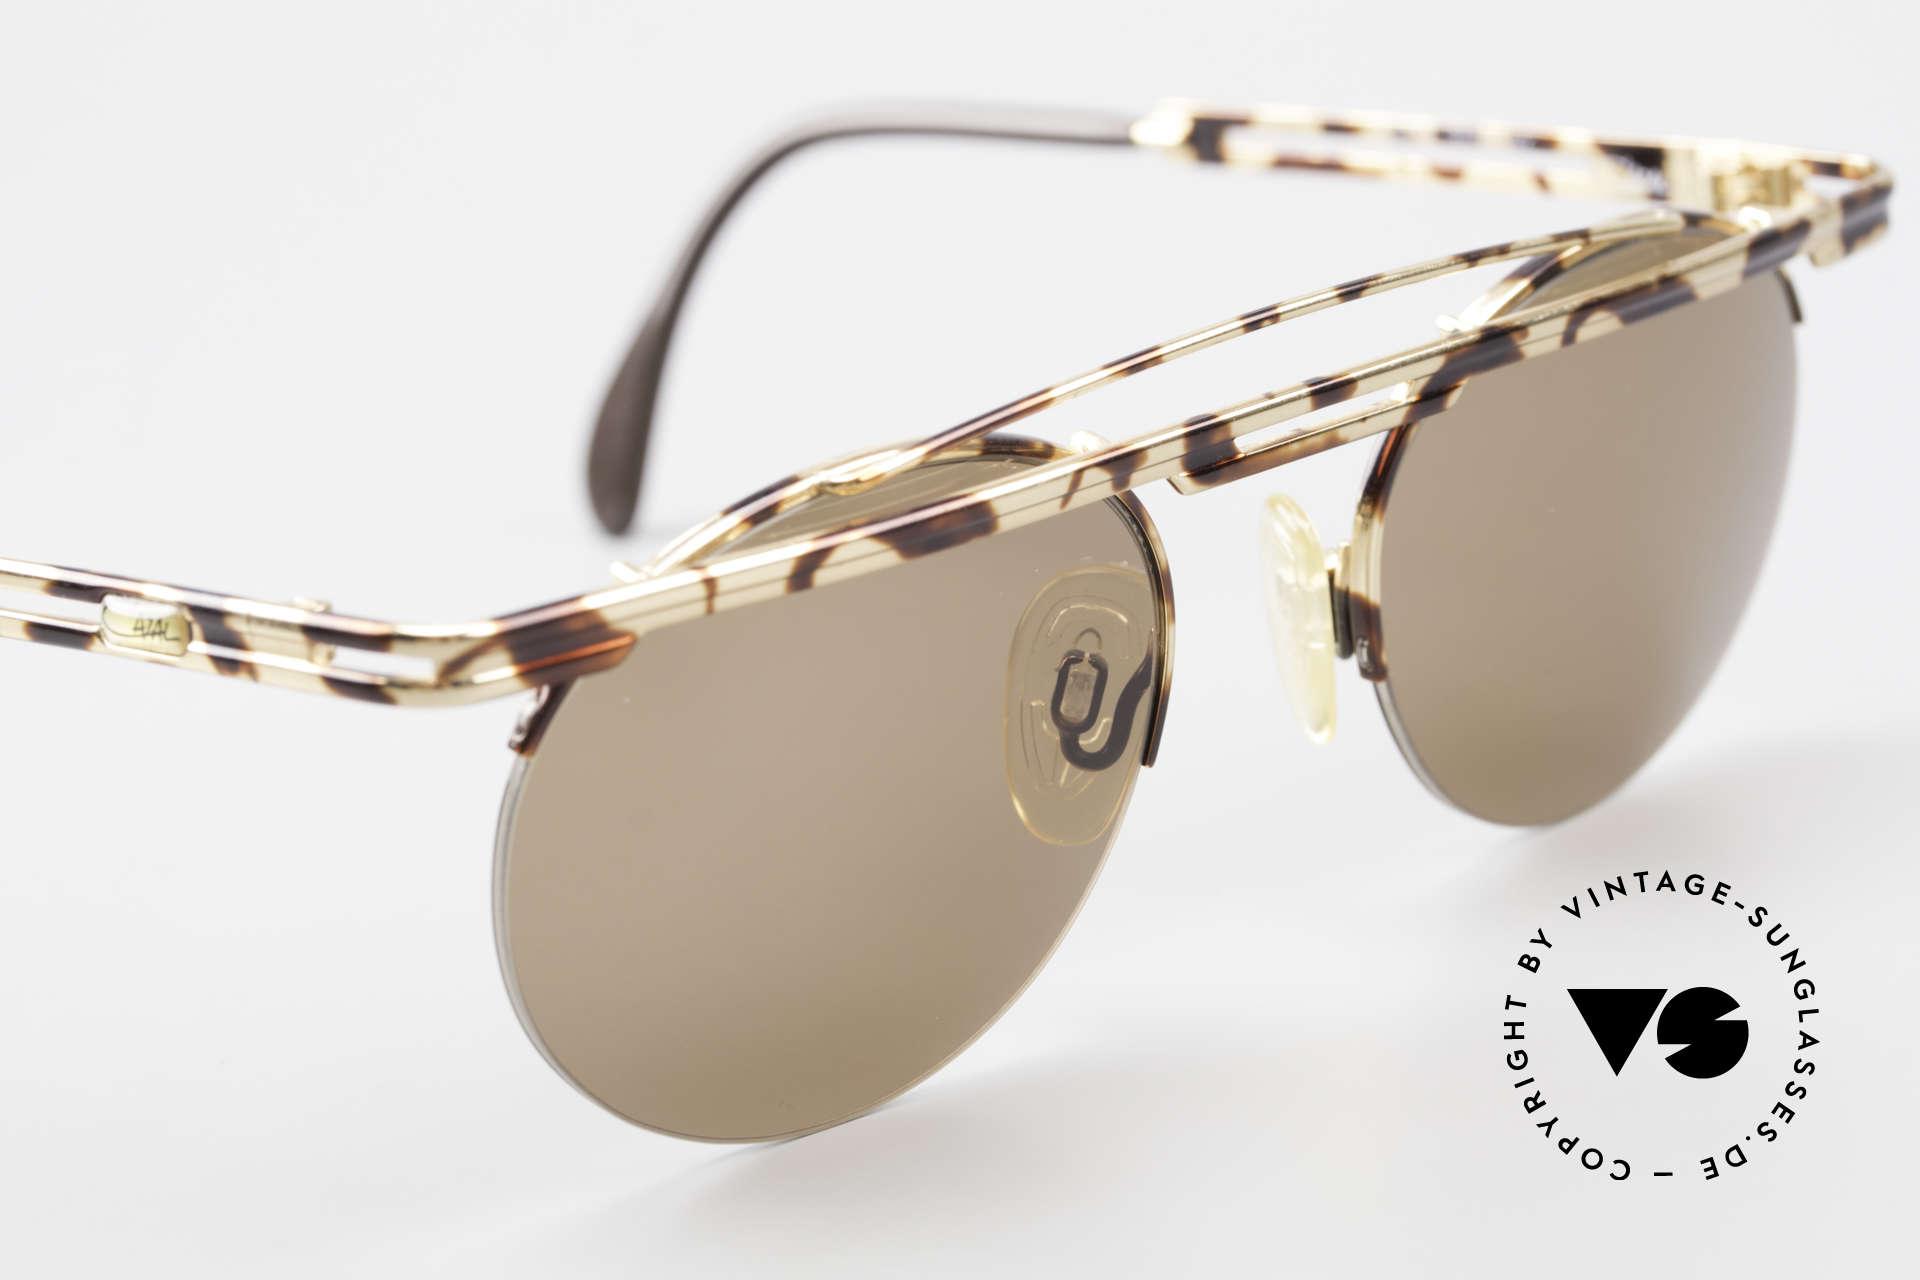 Cazal 748 90er Sonnenbrille No Retro, fühlbare Top-Qualität und Komfort (made in Germany), Passend für Herren und Damen